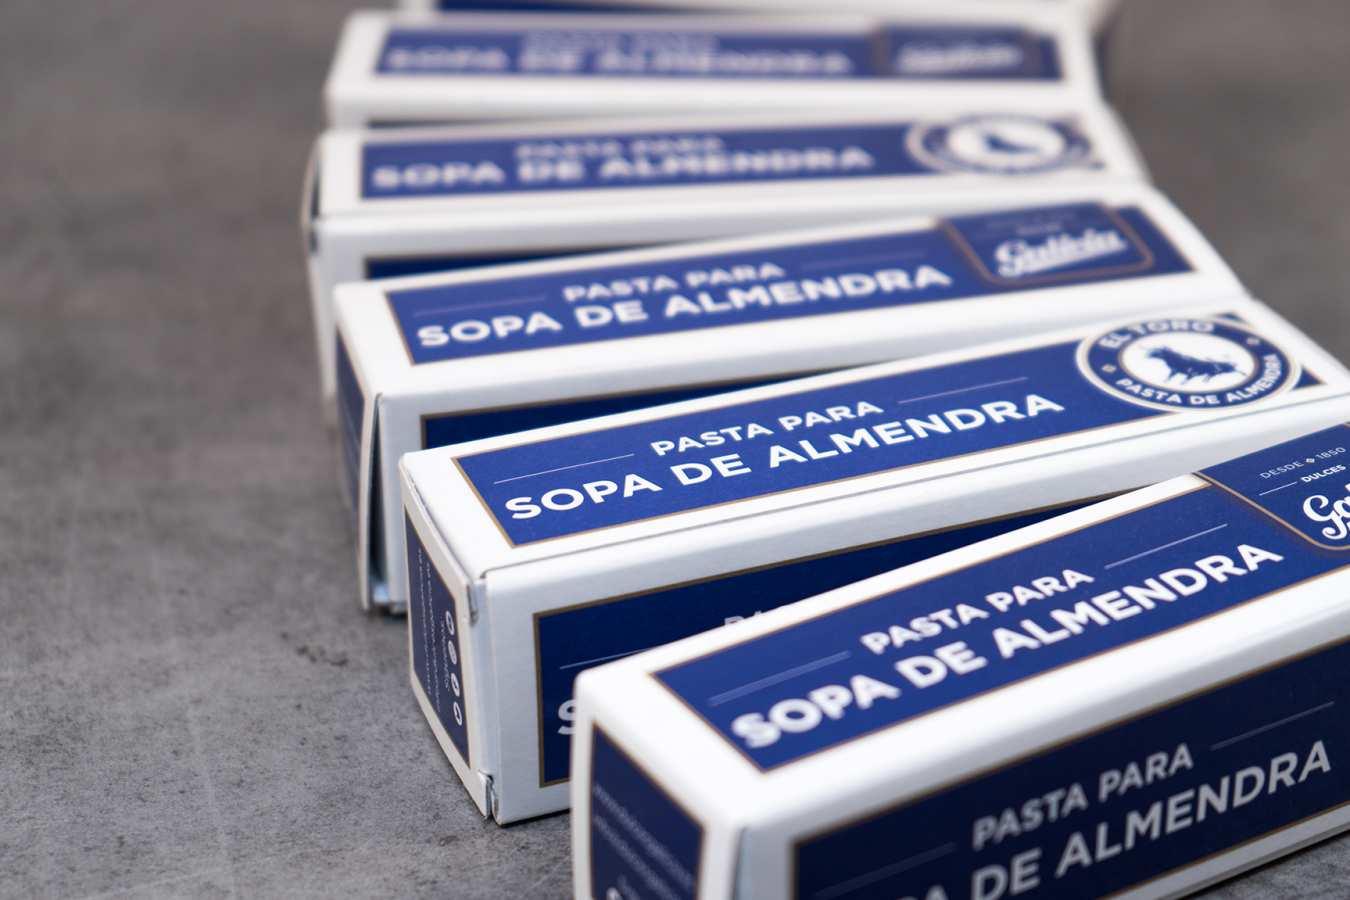 Cajas de pasta artesanal para hacer sopa de almendras hechas por confitería Galicia en Tordesillas